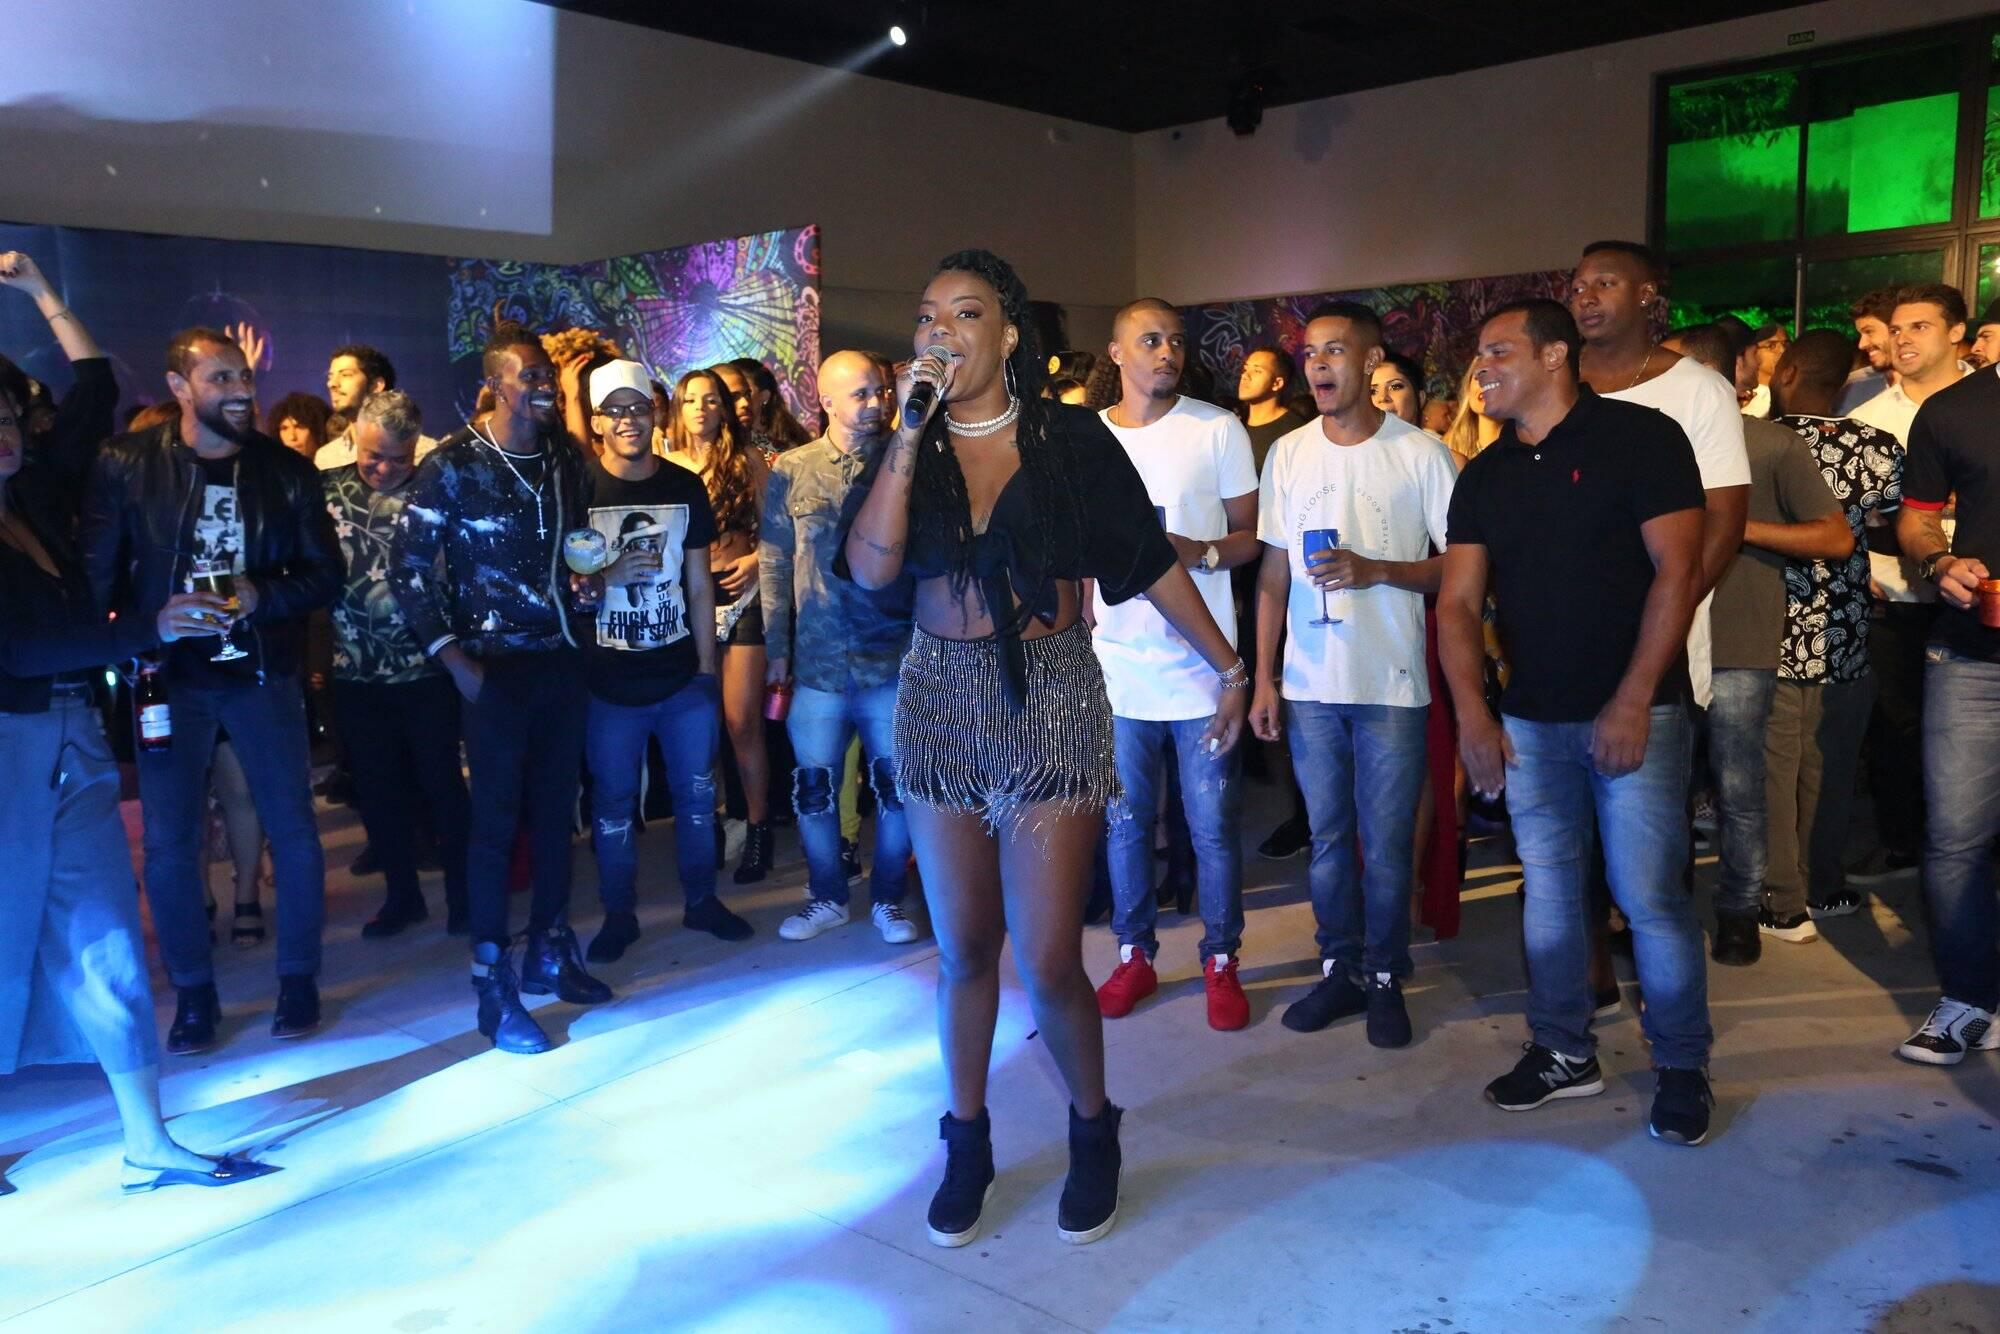 Festa da cantora Ludmilla reúne parentes, amigos e celebridades. Foto: Reginaldo Teixeira/ CS Eventos